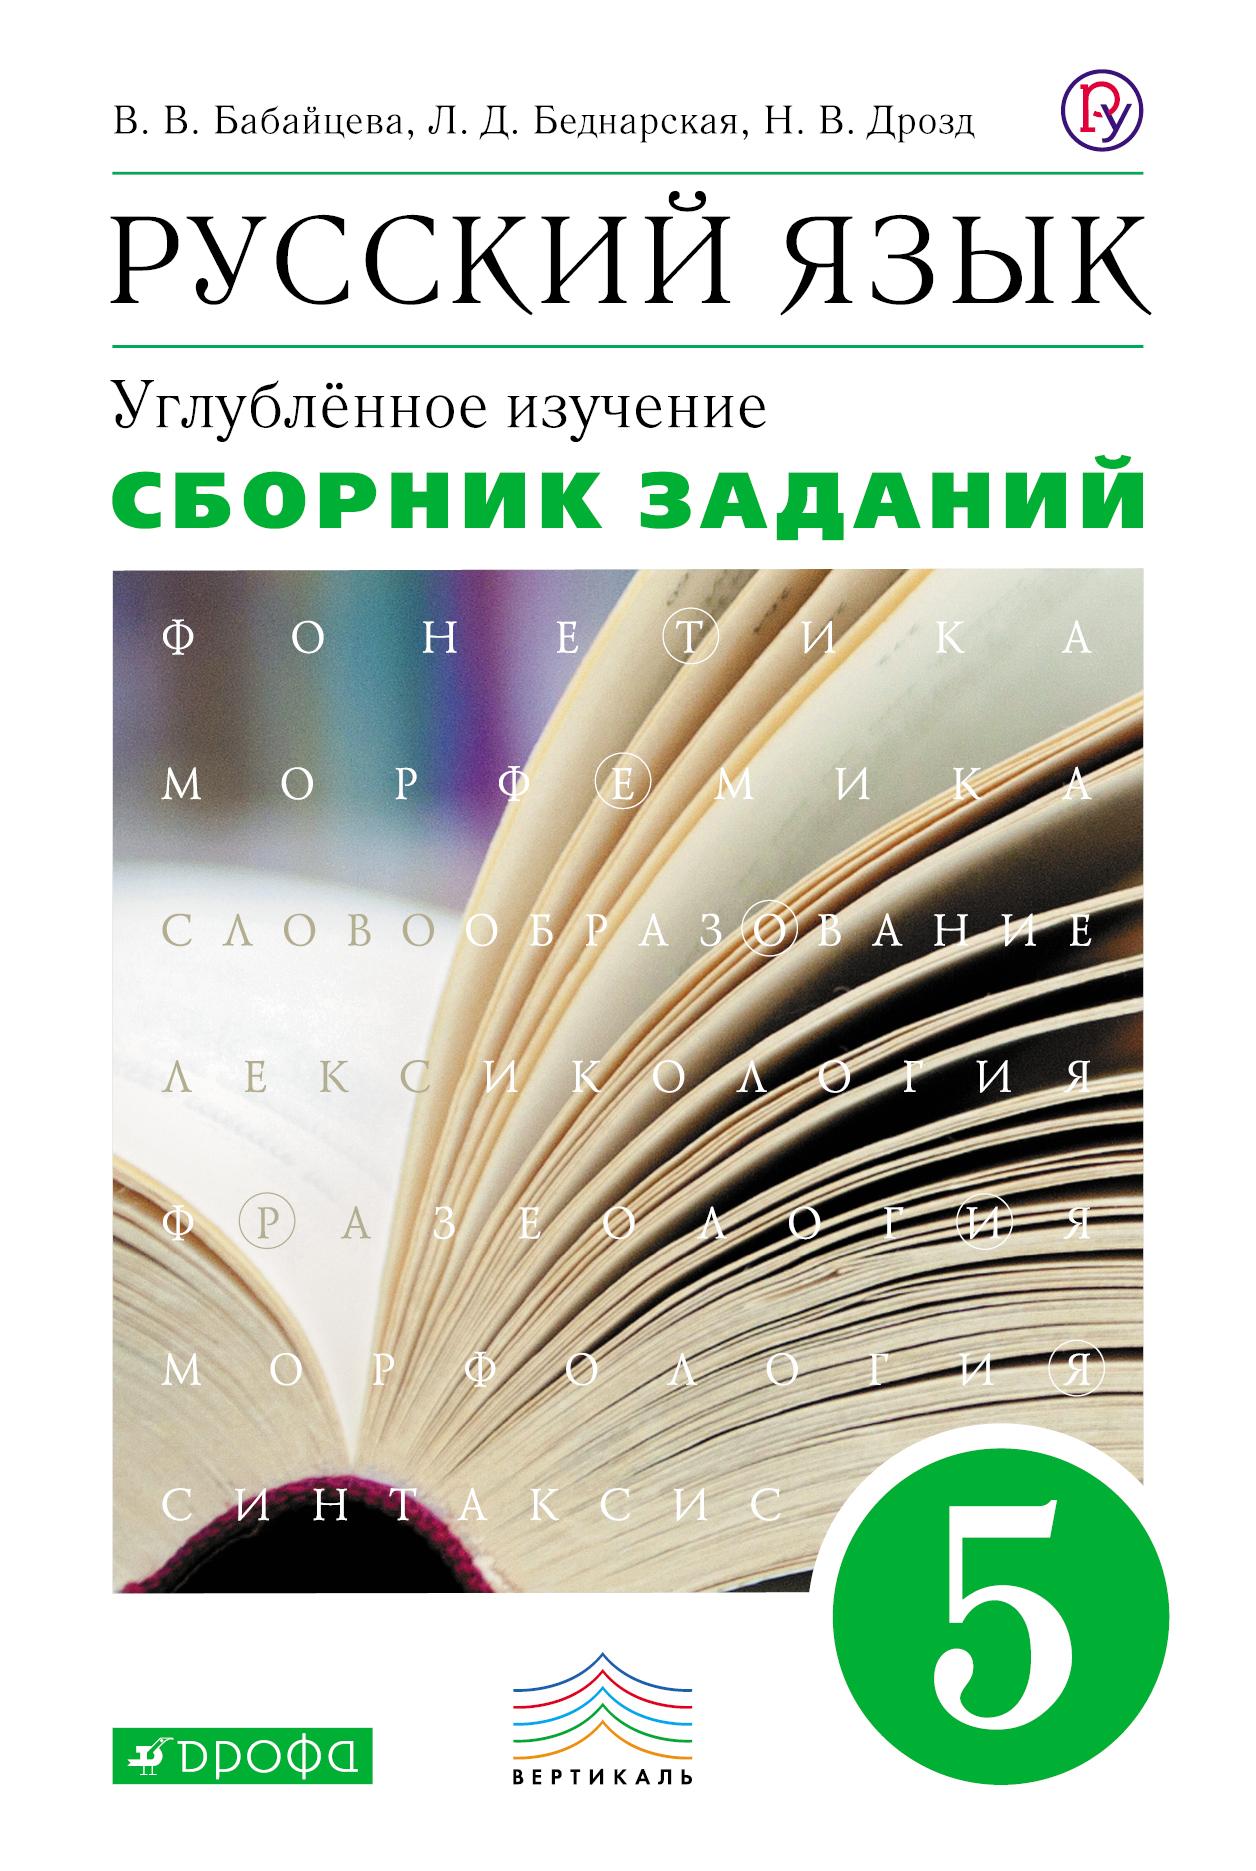 Русский язык. Углубленное изучение. 5 класс. Сборник заданий